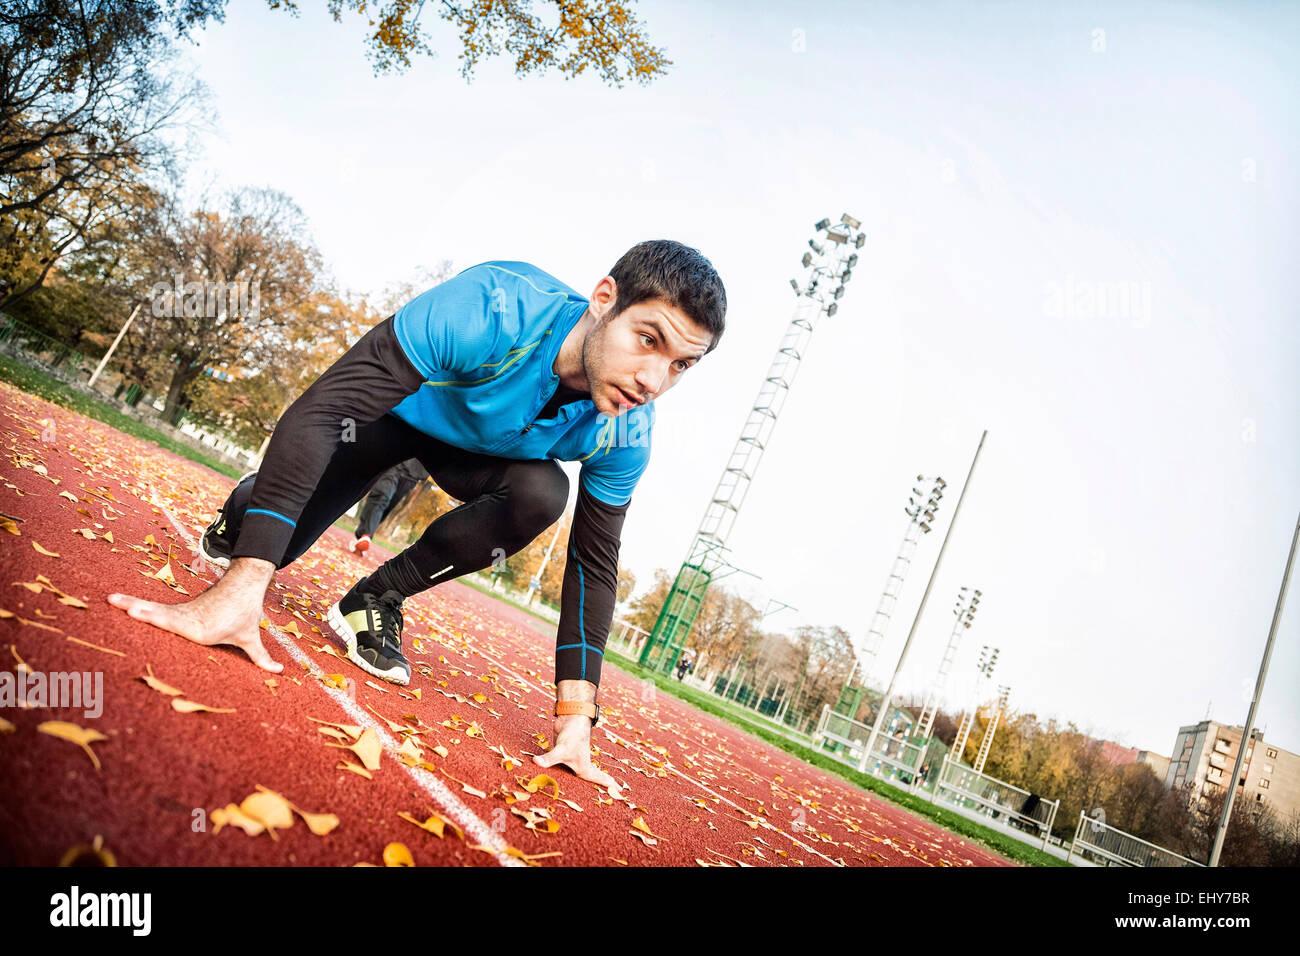 Homme runner faire entraînement de sprint Photo Stock